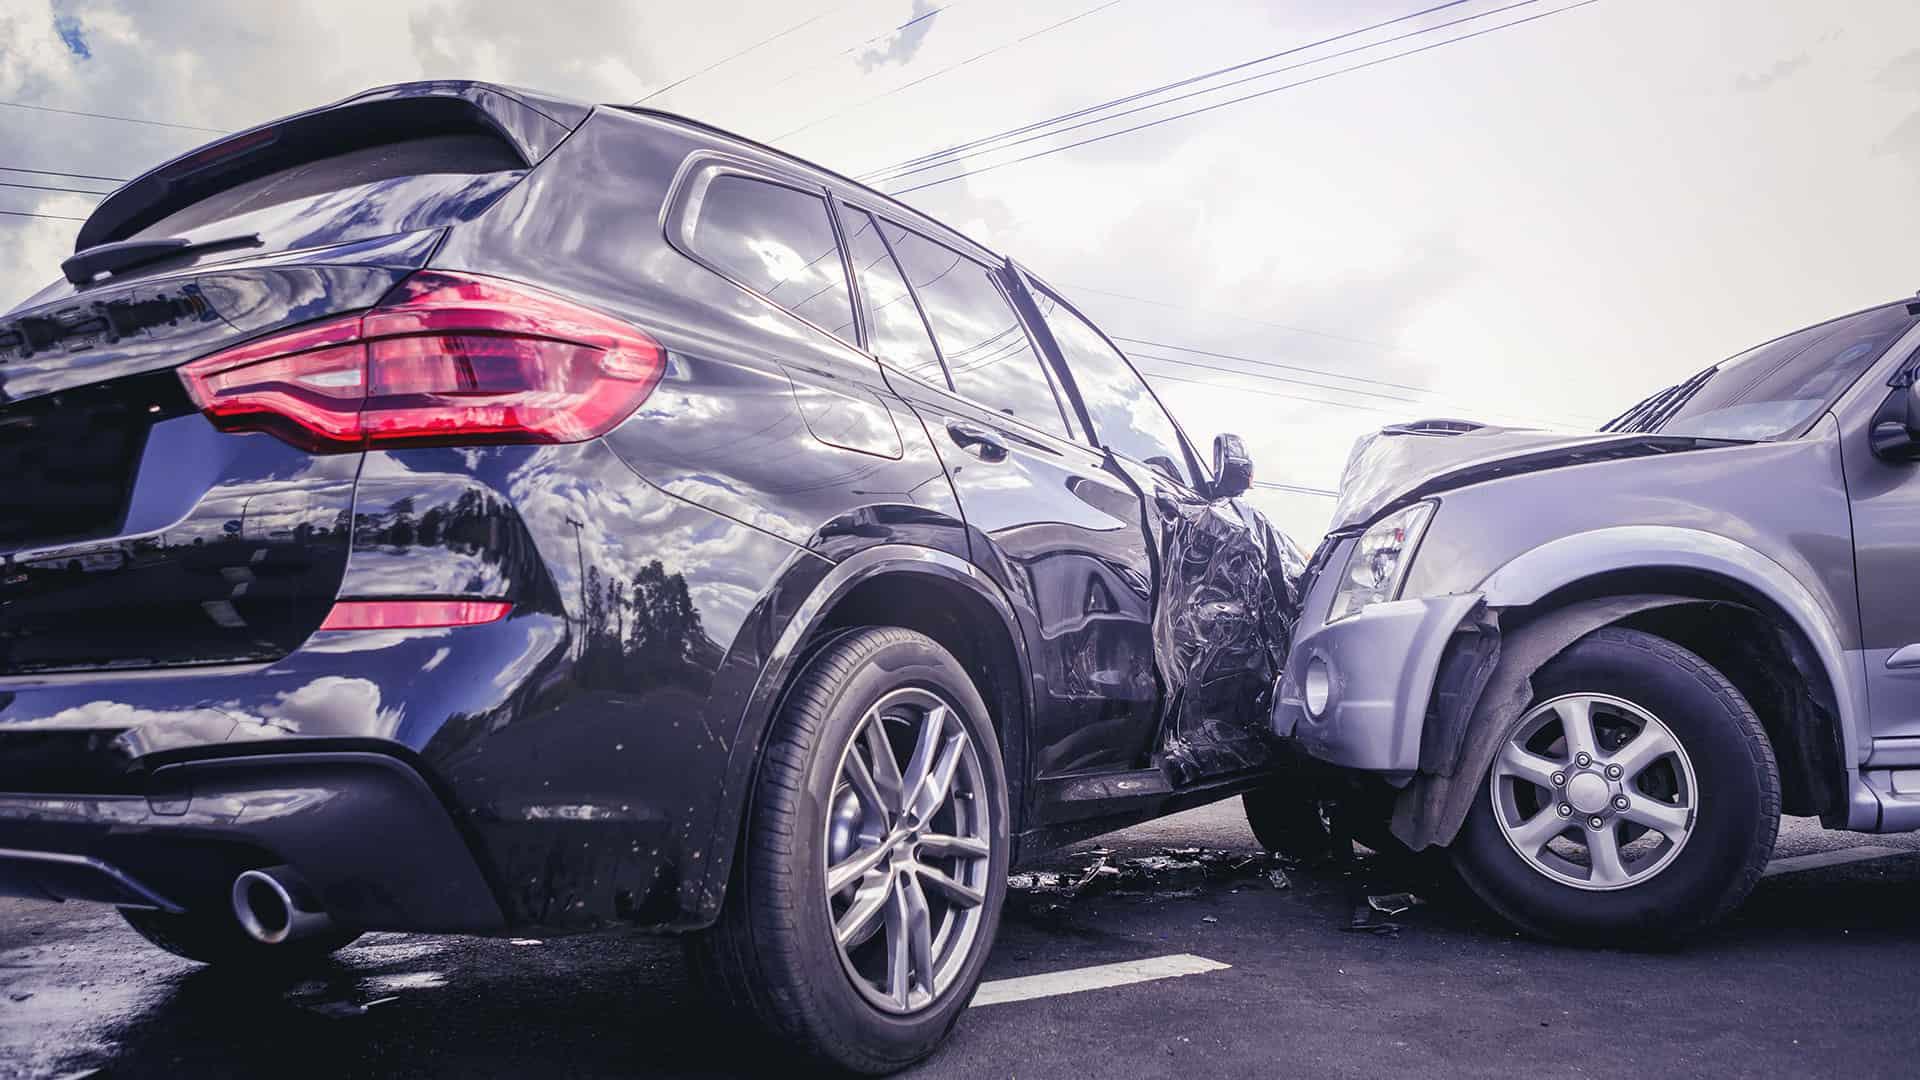 Autounfall Versicherung UVK